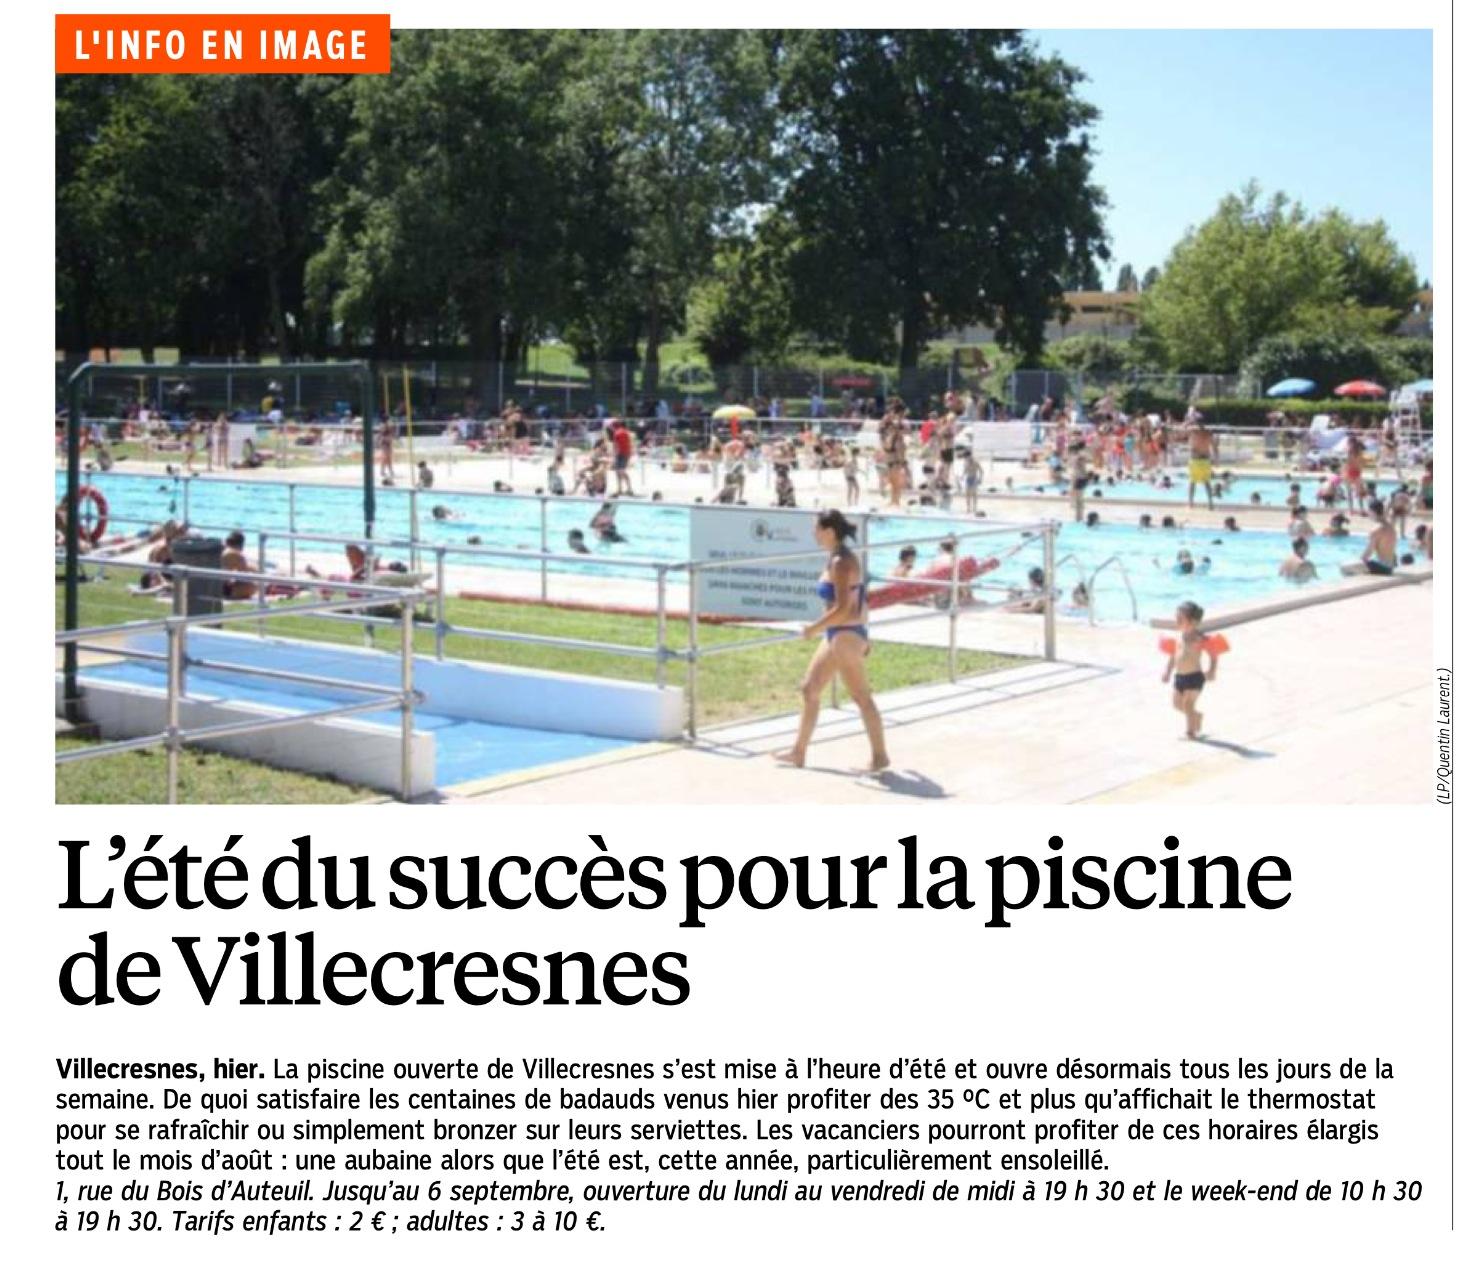 Le Parisien En Parle « L'été Du Succès Pour La Piscine De ... destiné Piscine Auteuil